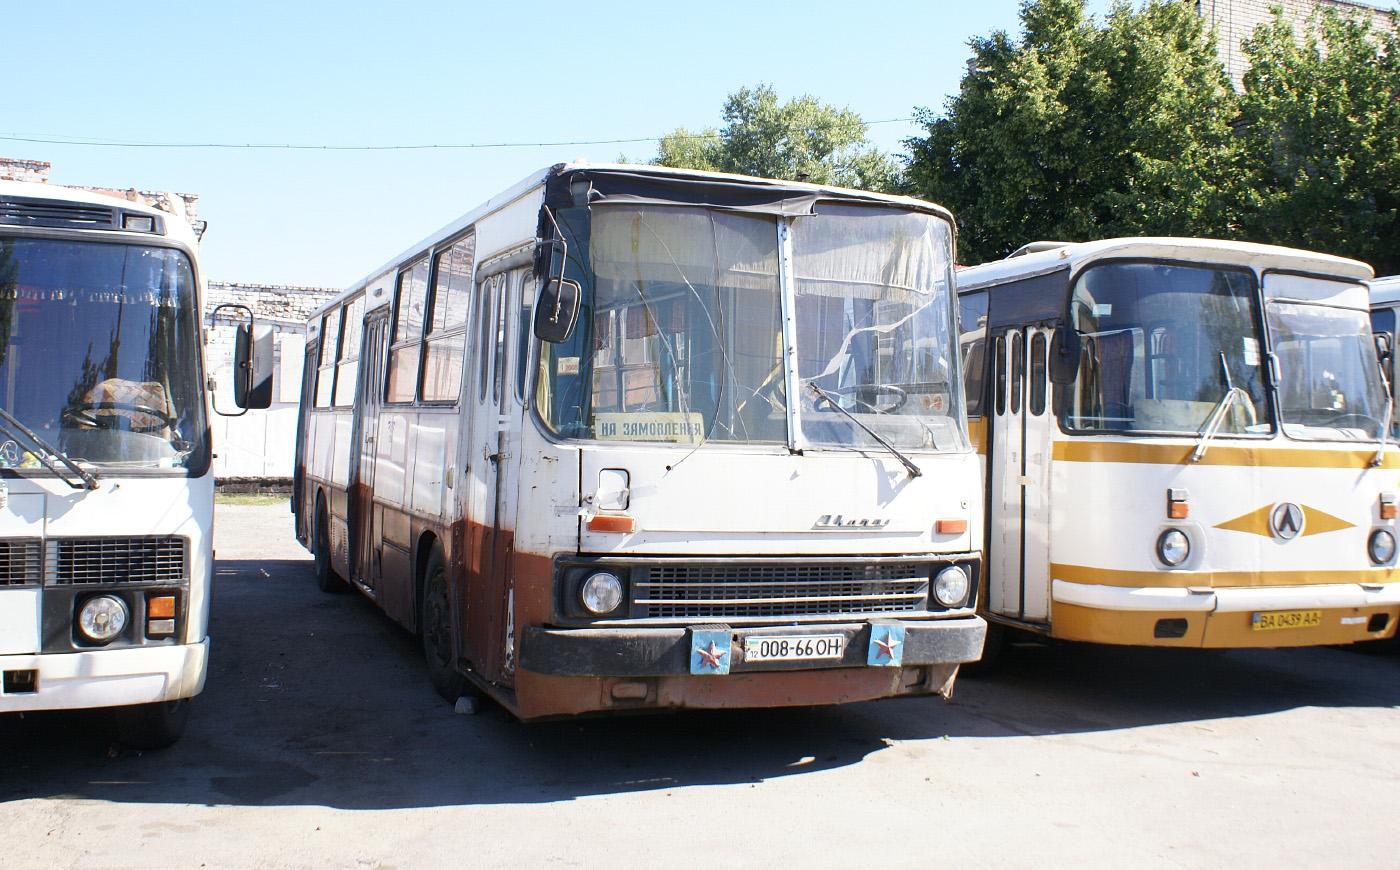 Ikarus-260 №008-66 ОН, ЛАЗ-695Н №ВА 0439 АА. Кіровоградська область, Світловодськ